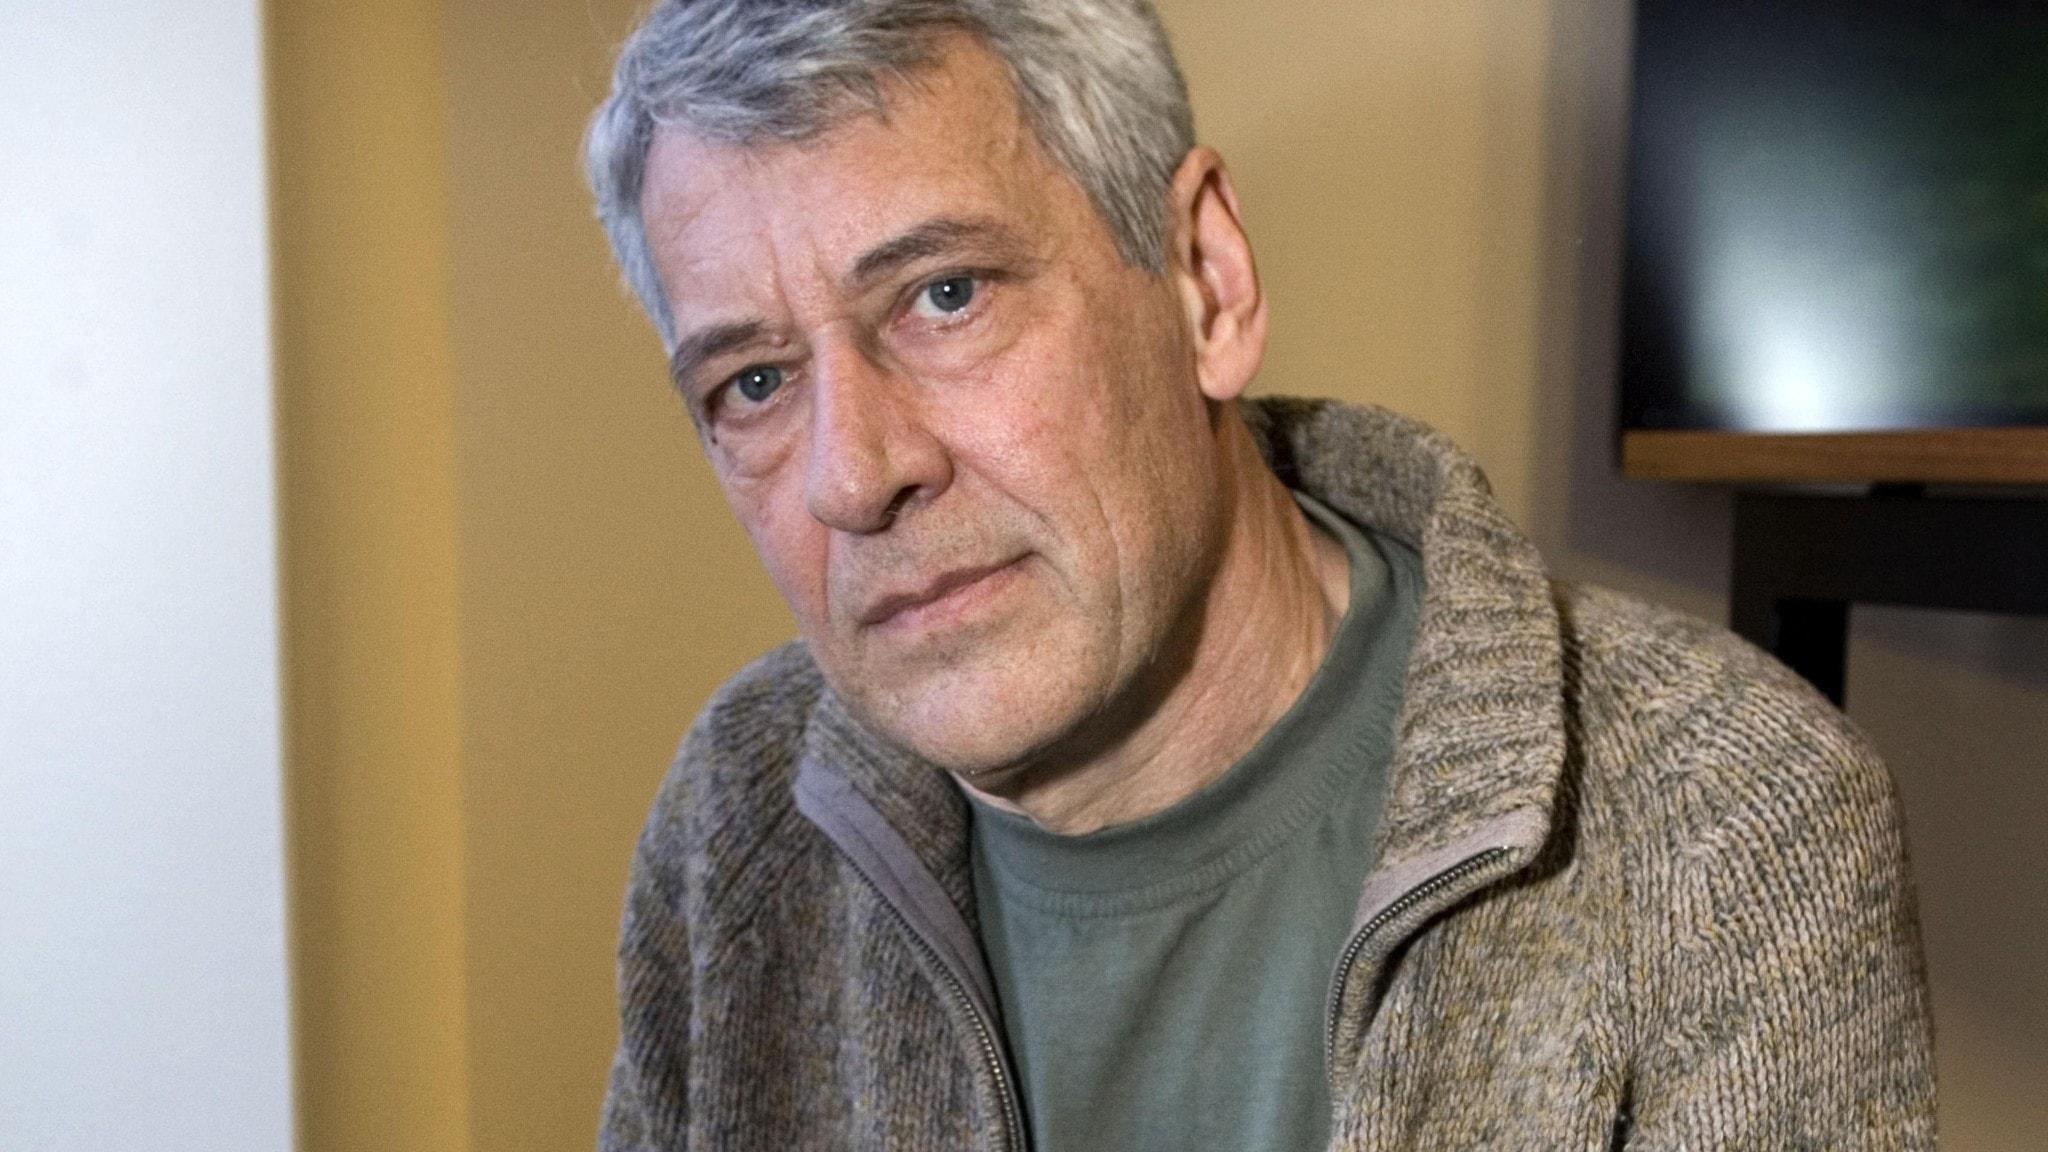 Porträtt av författaren Ulf NIlsson, klädd i brun kofta.